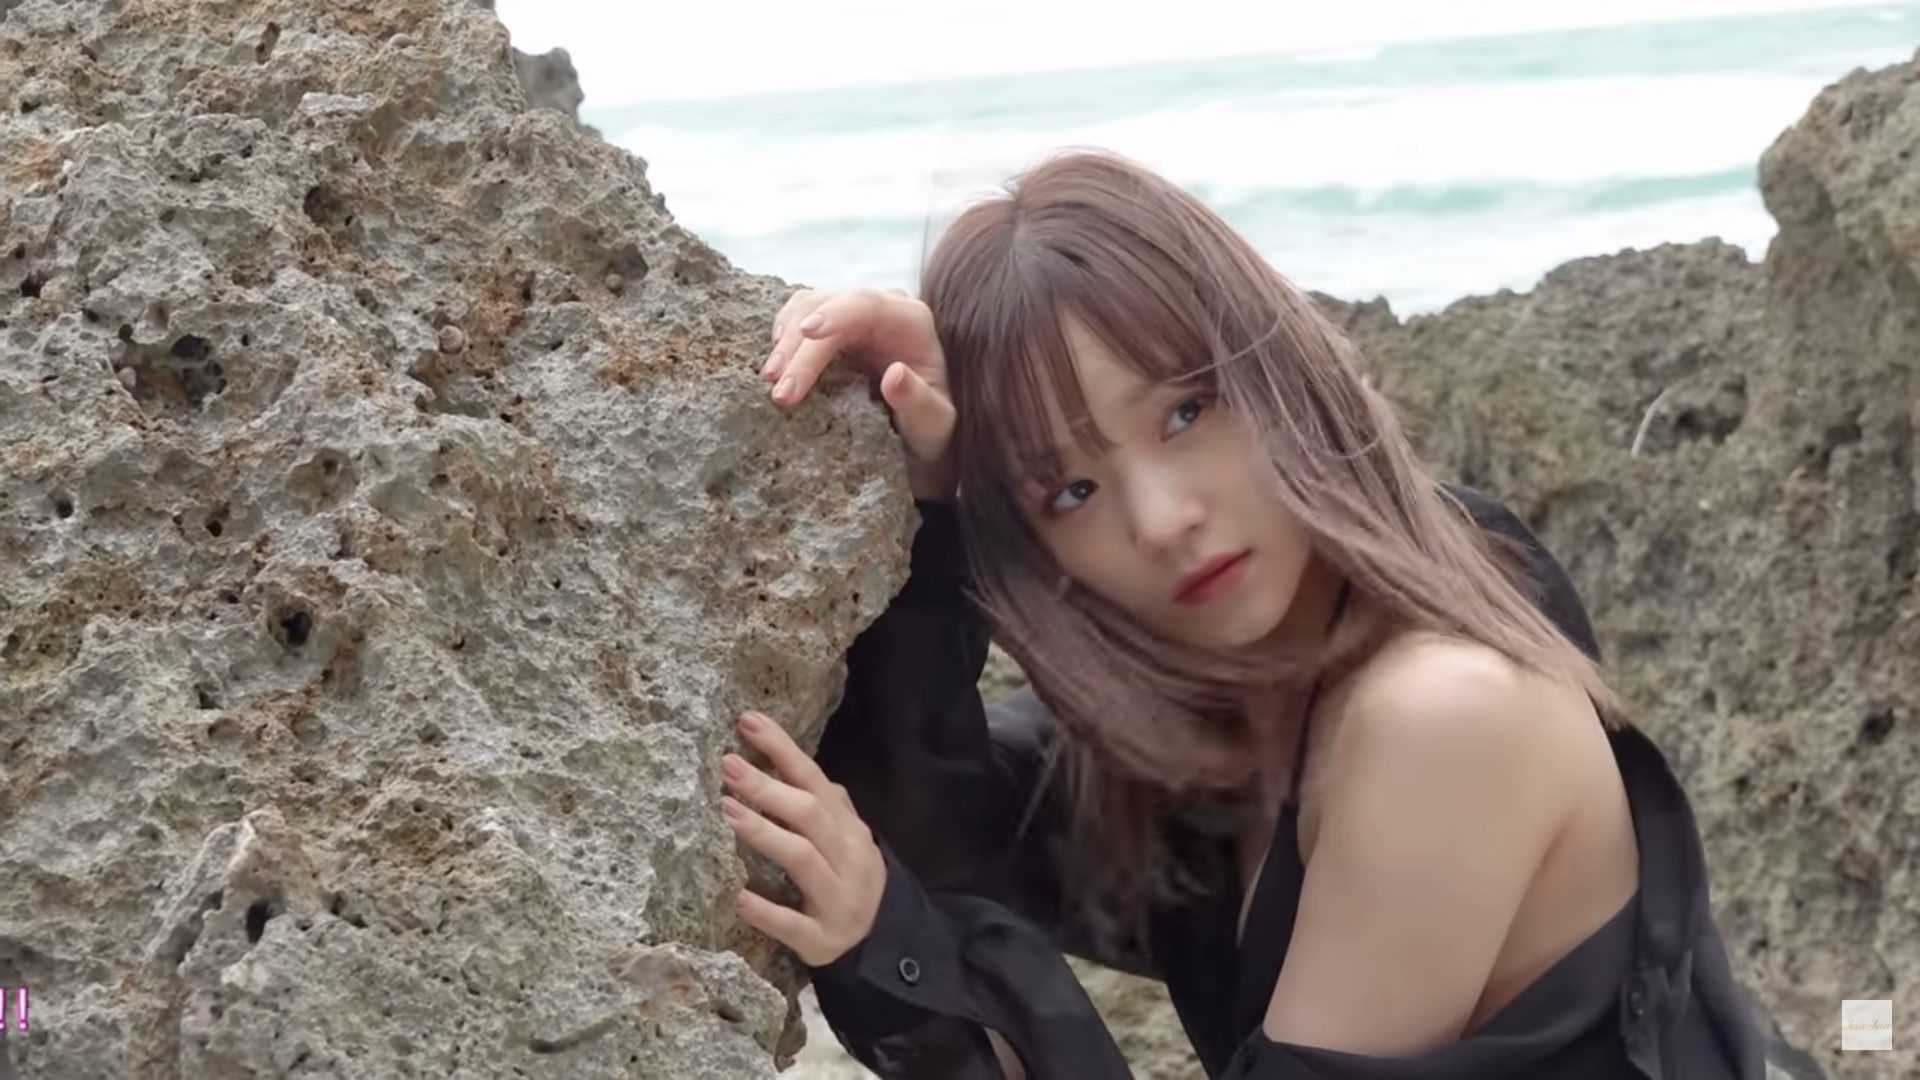 【稲場愛香】-カップ2 セカンド写真集「ラヴリネス…」発売決定!水着姿を披露!